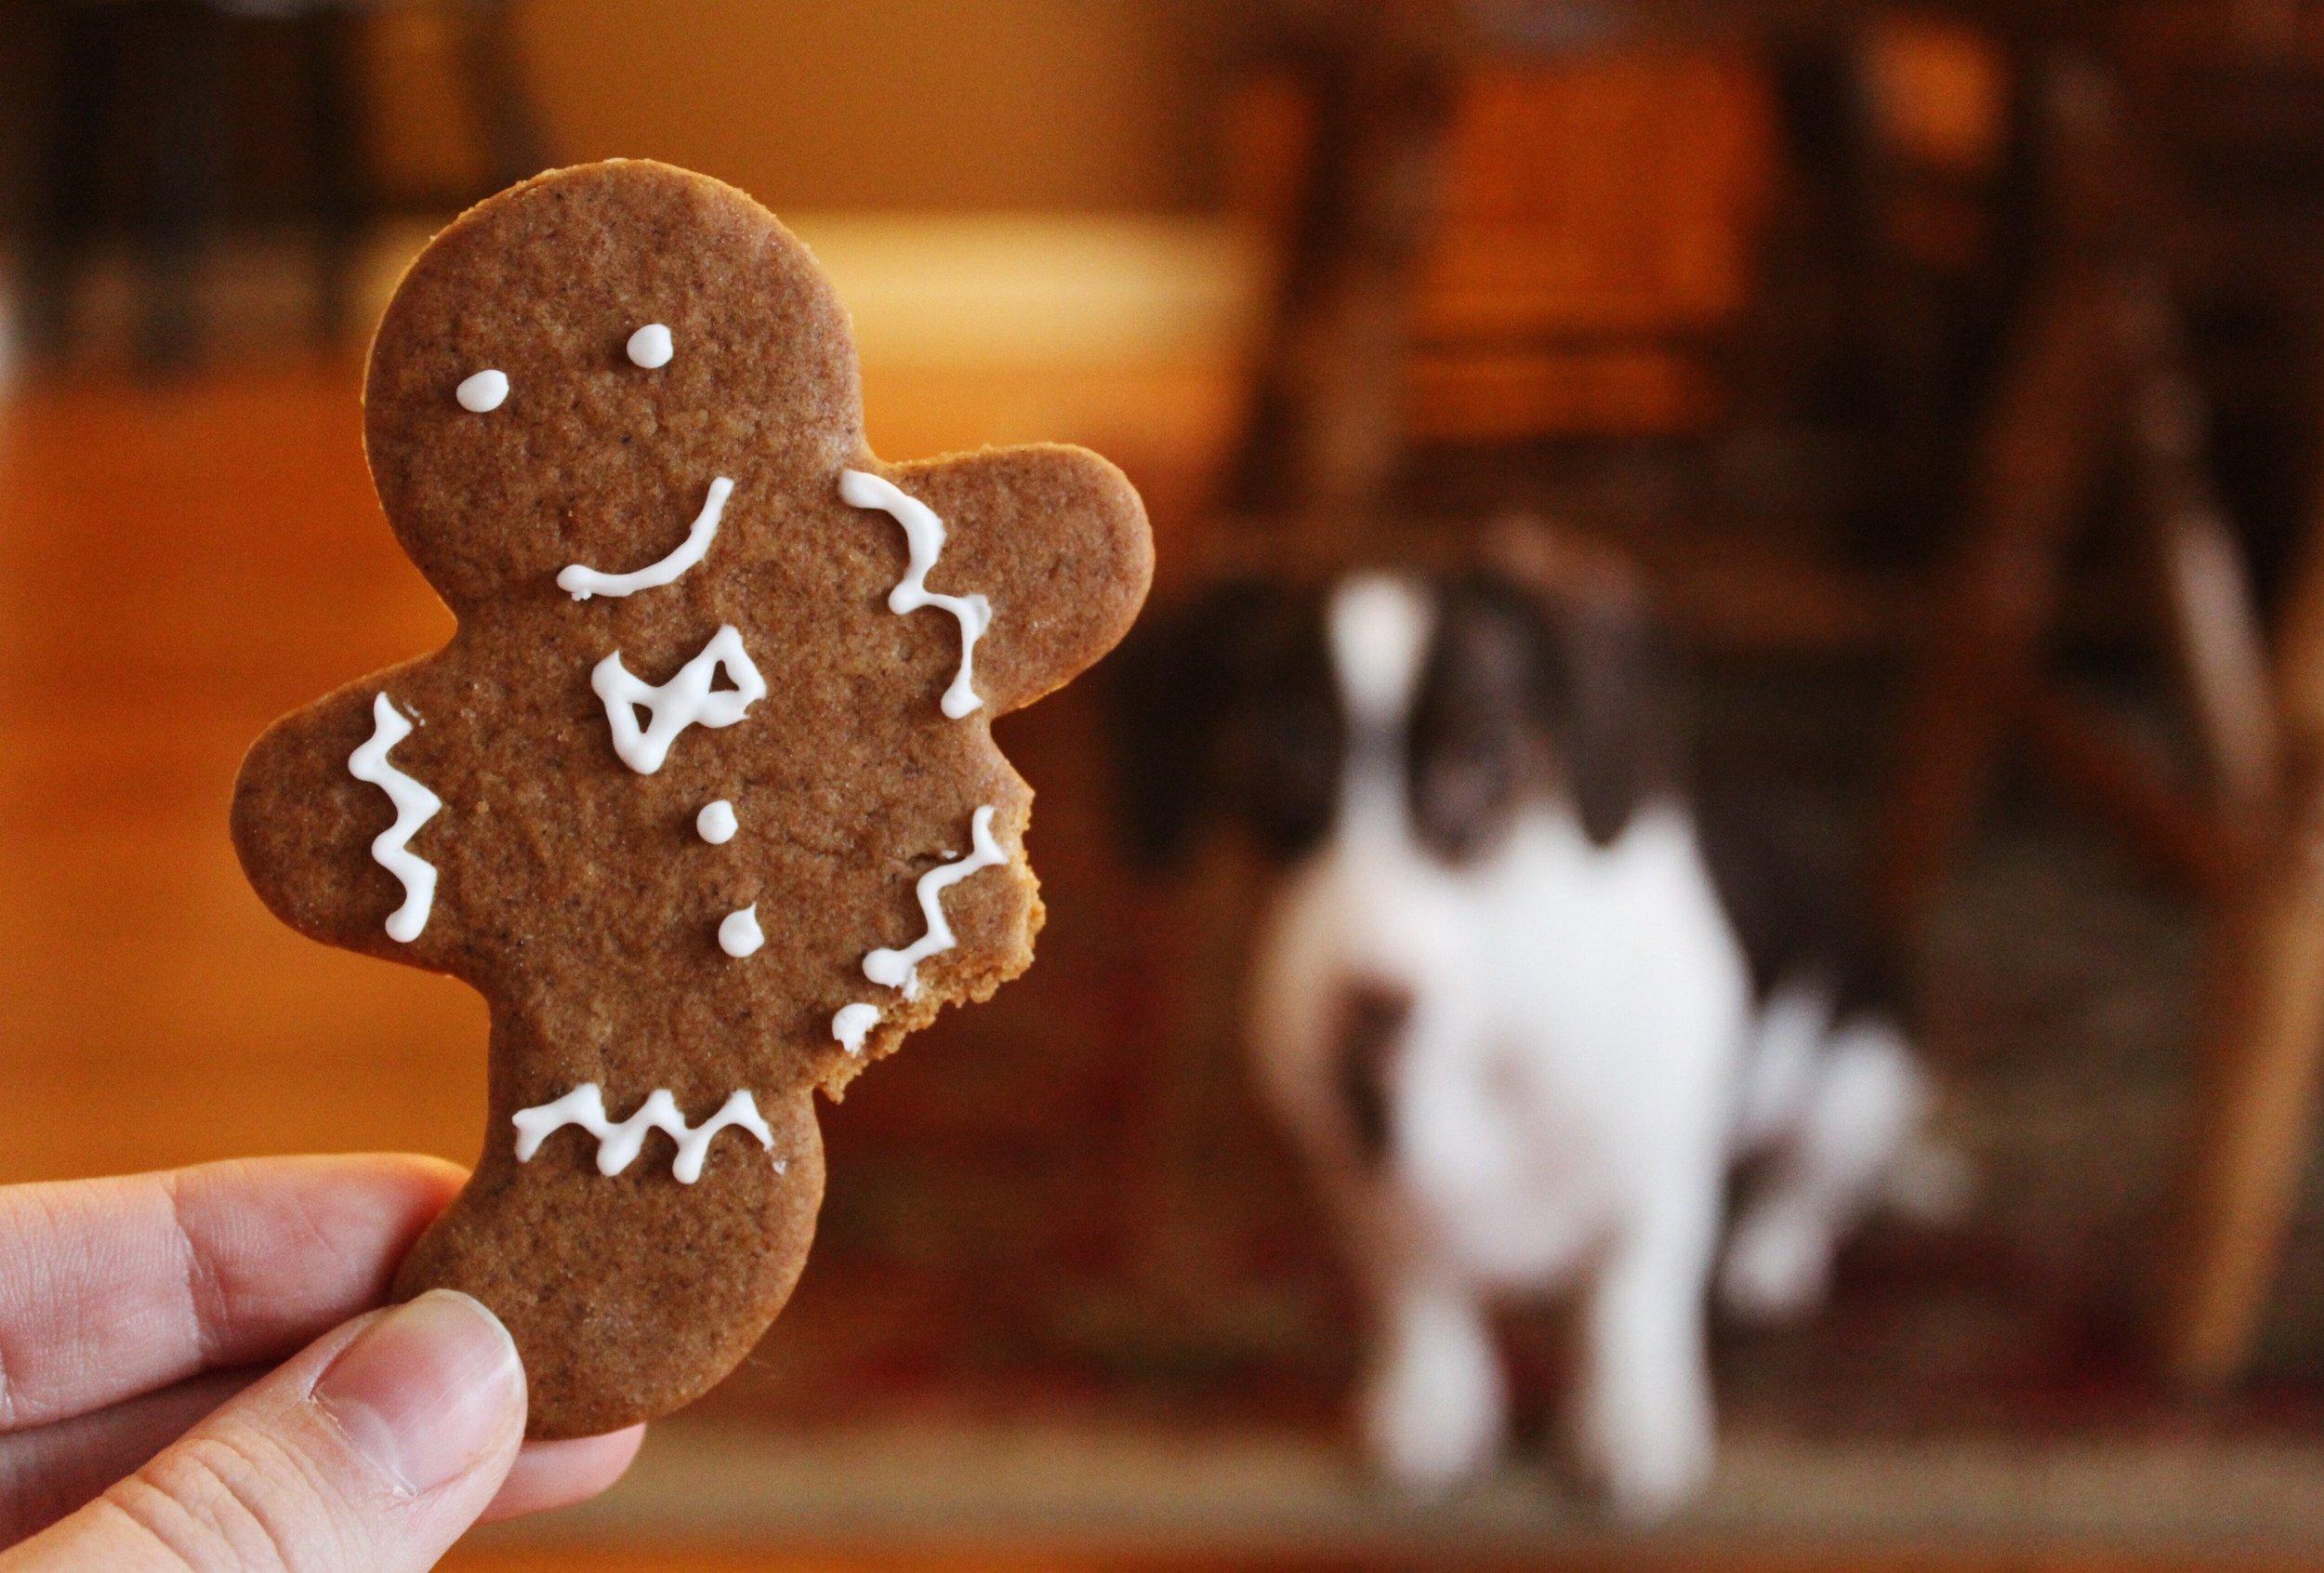 dog-eats-cookie-off-floor